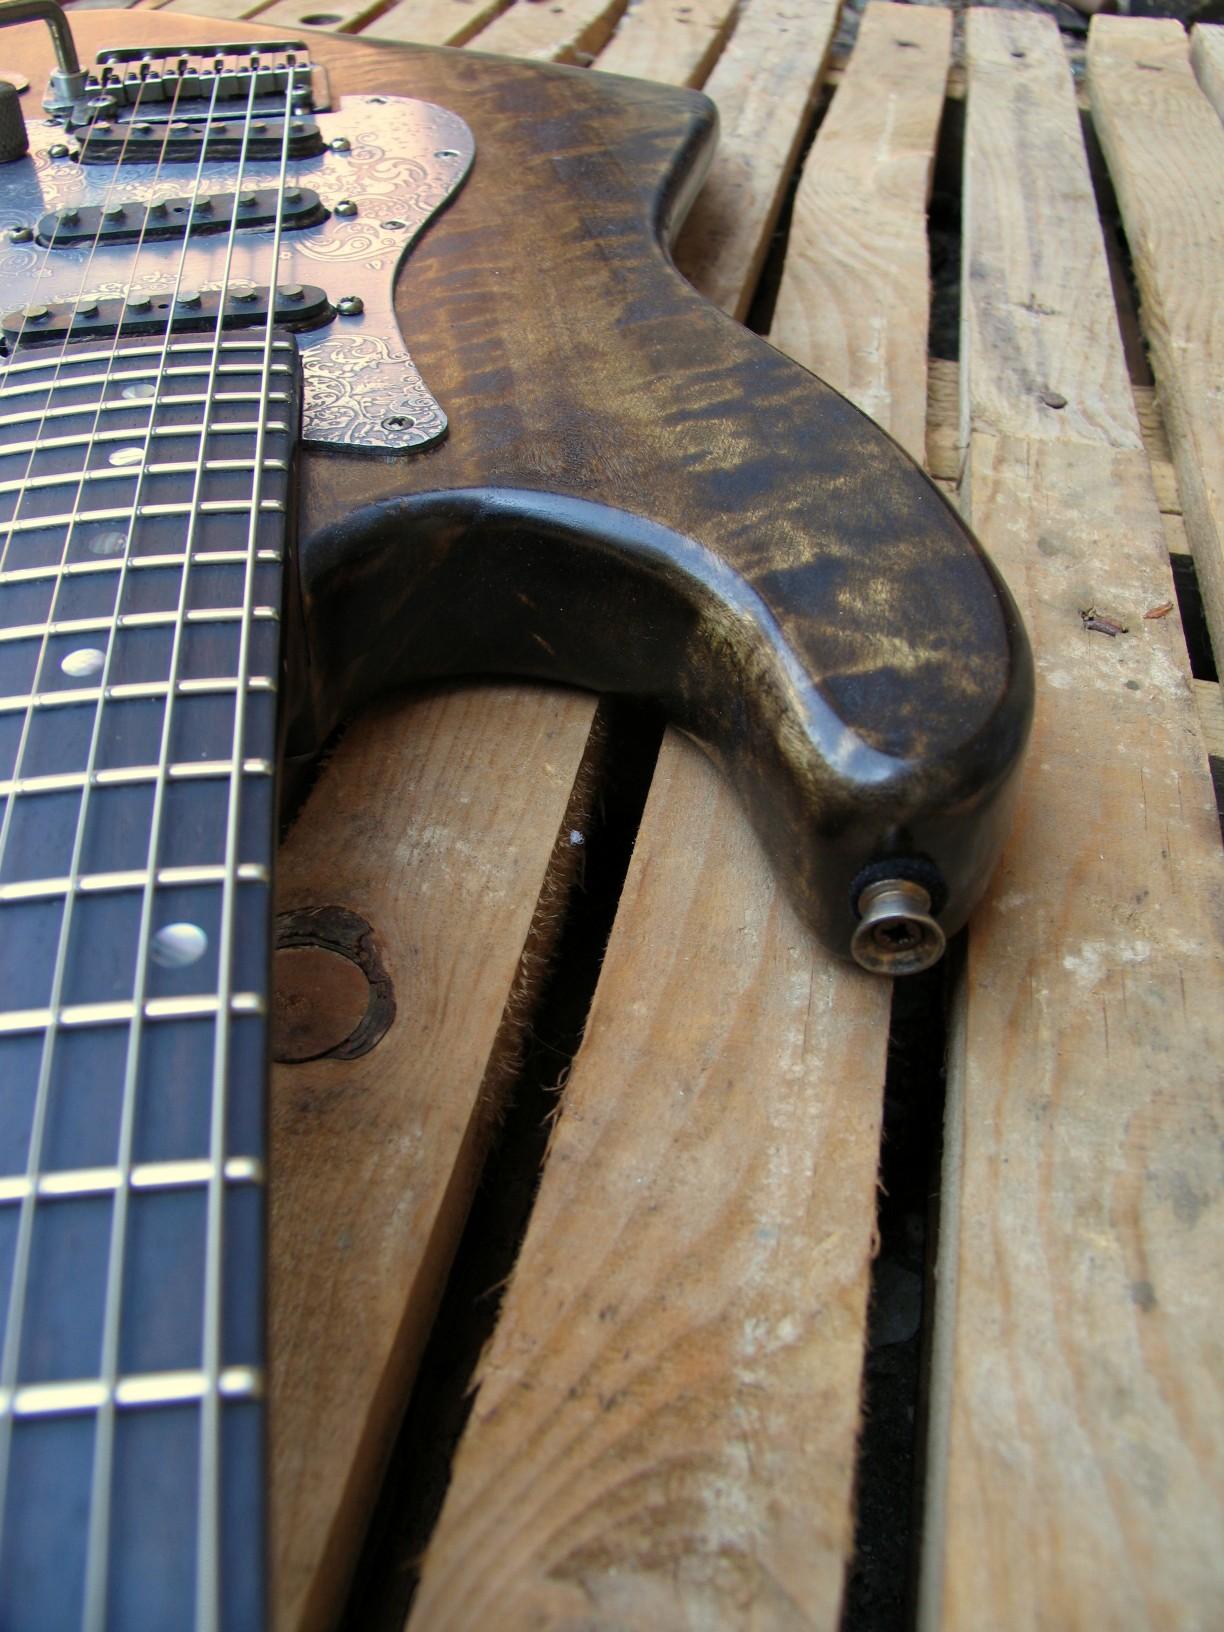 Dettaglio del body di una chitarra Stratocaster in pioppo